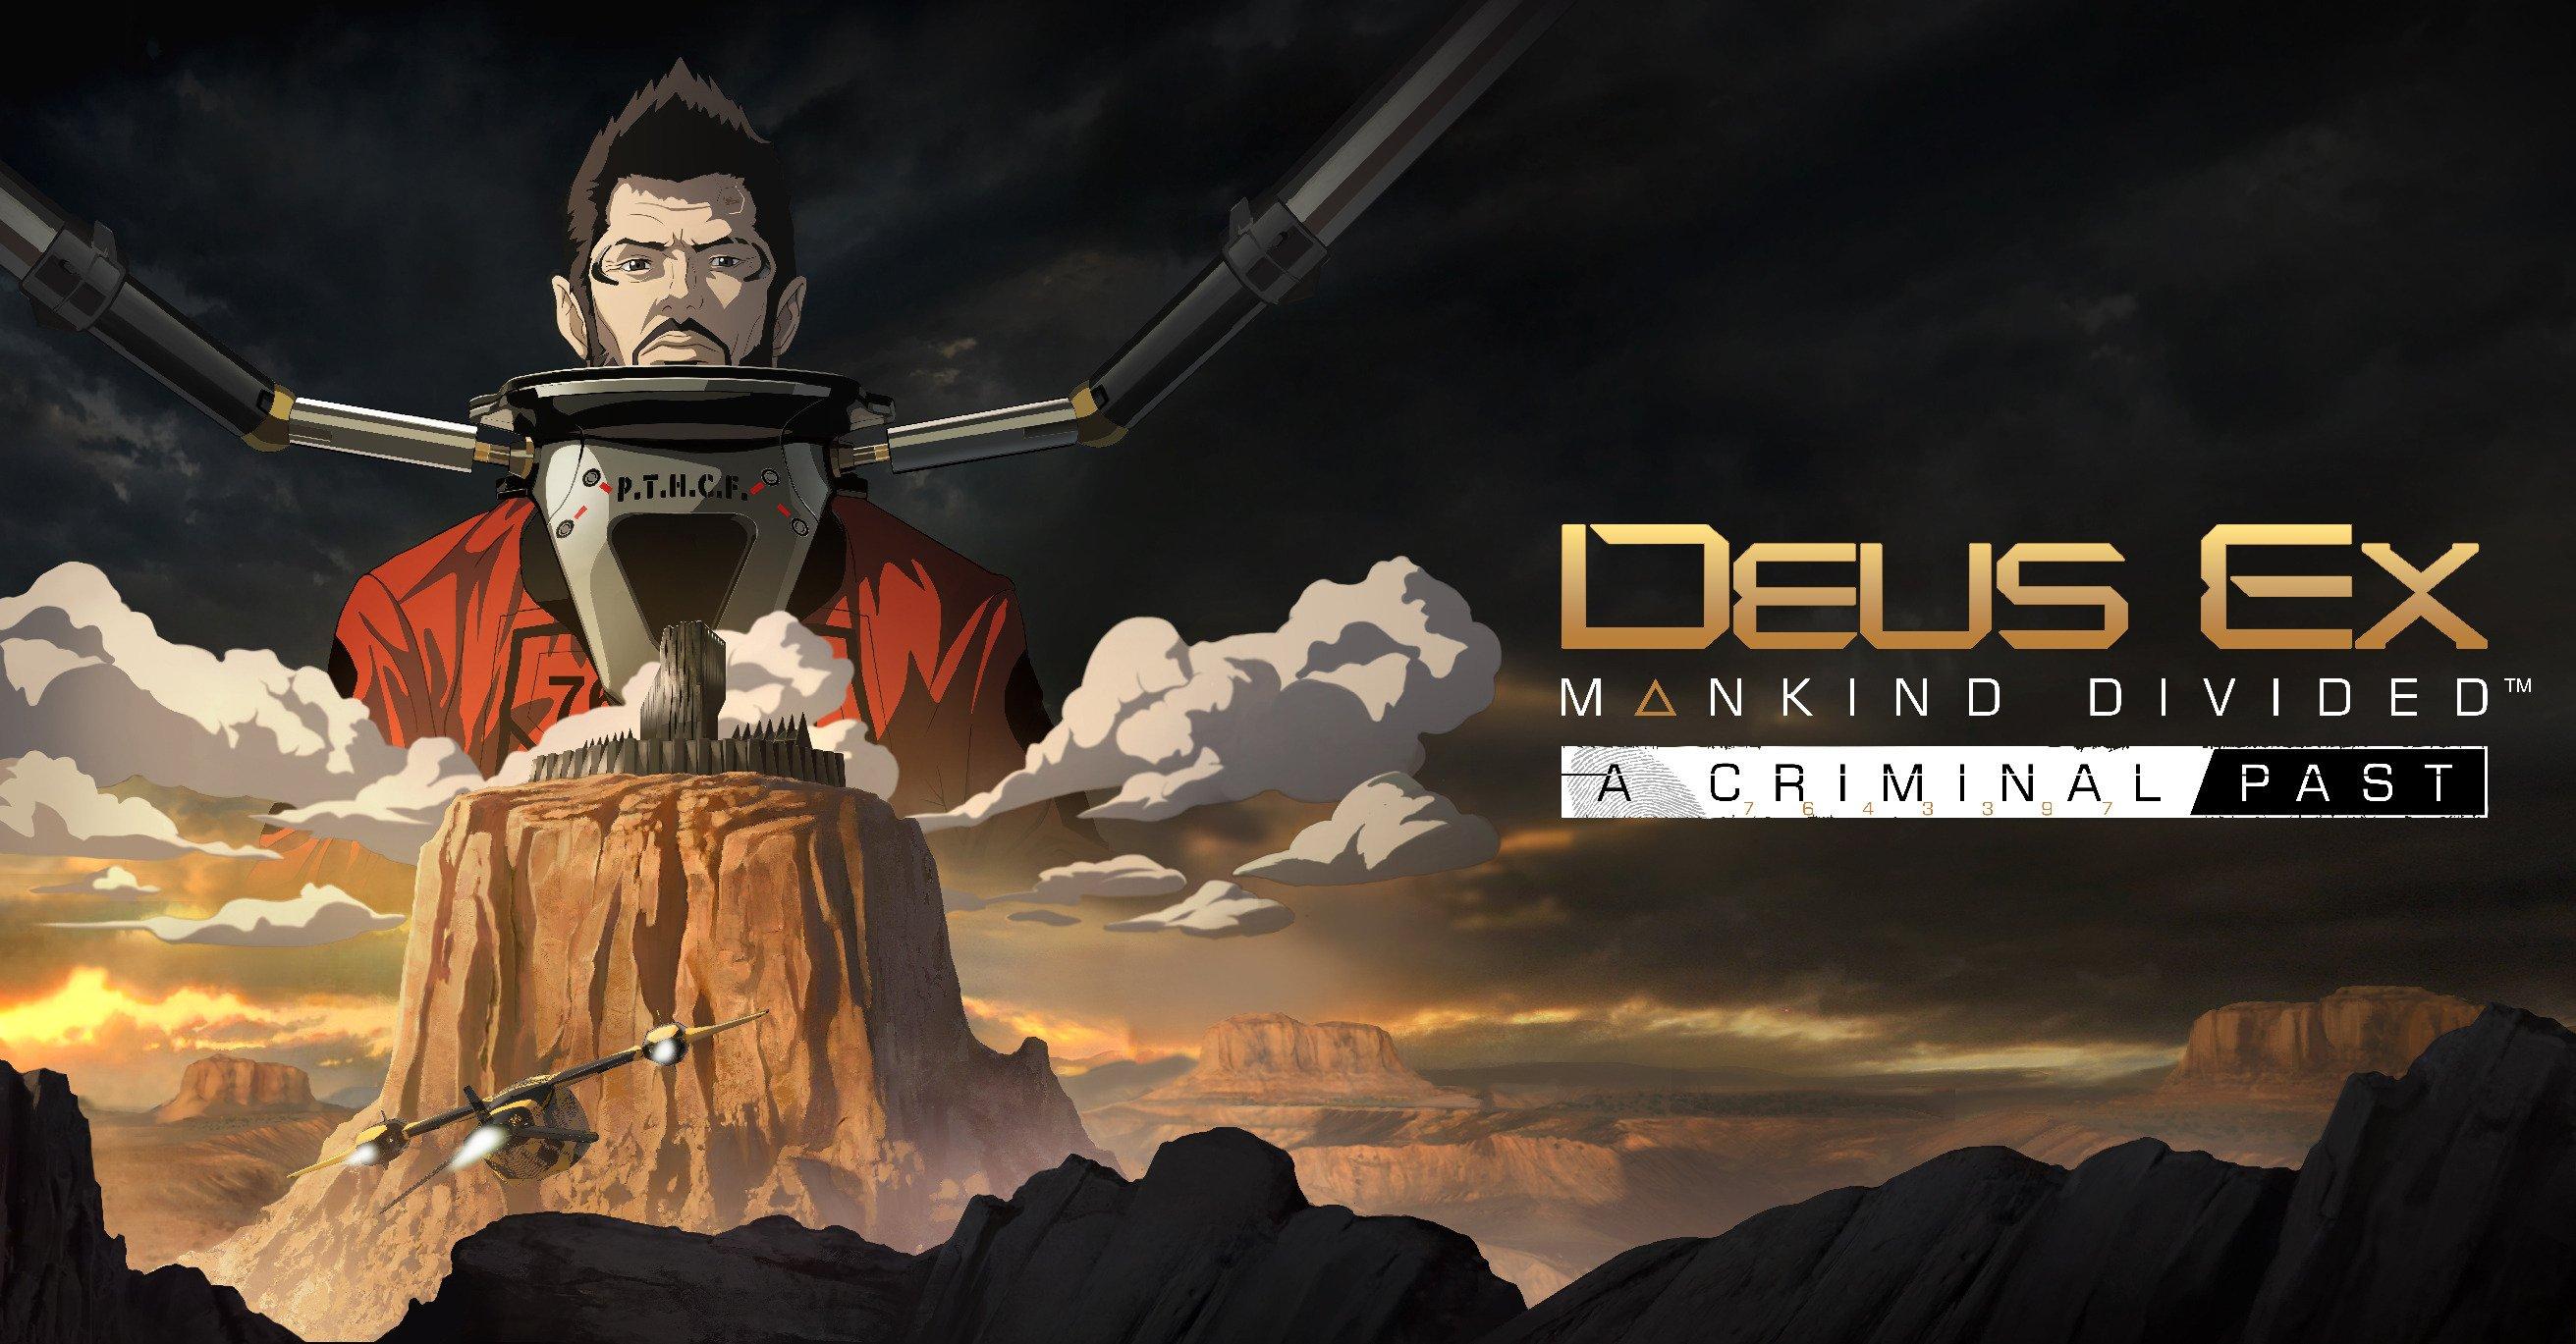 Второе сюжетное DLC для Deus Ex: Mankind Divided выйдет 23 февраля